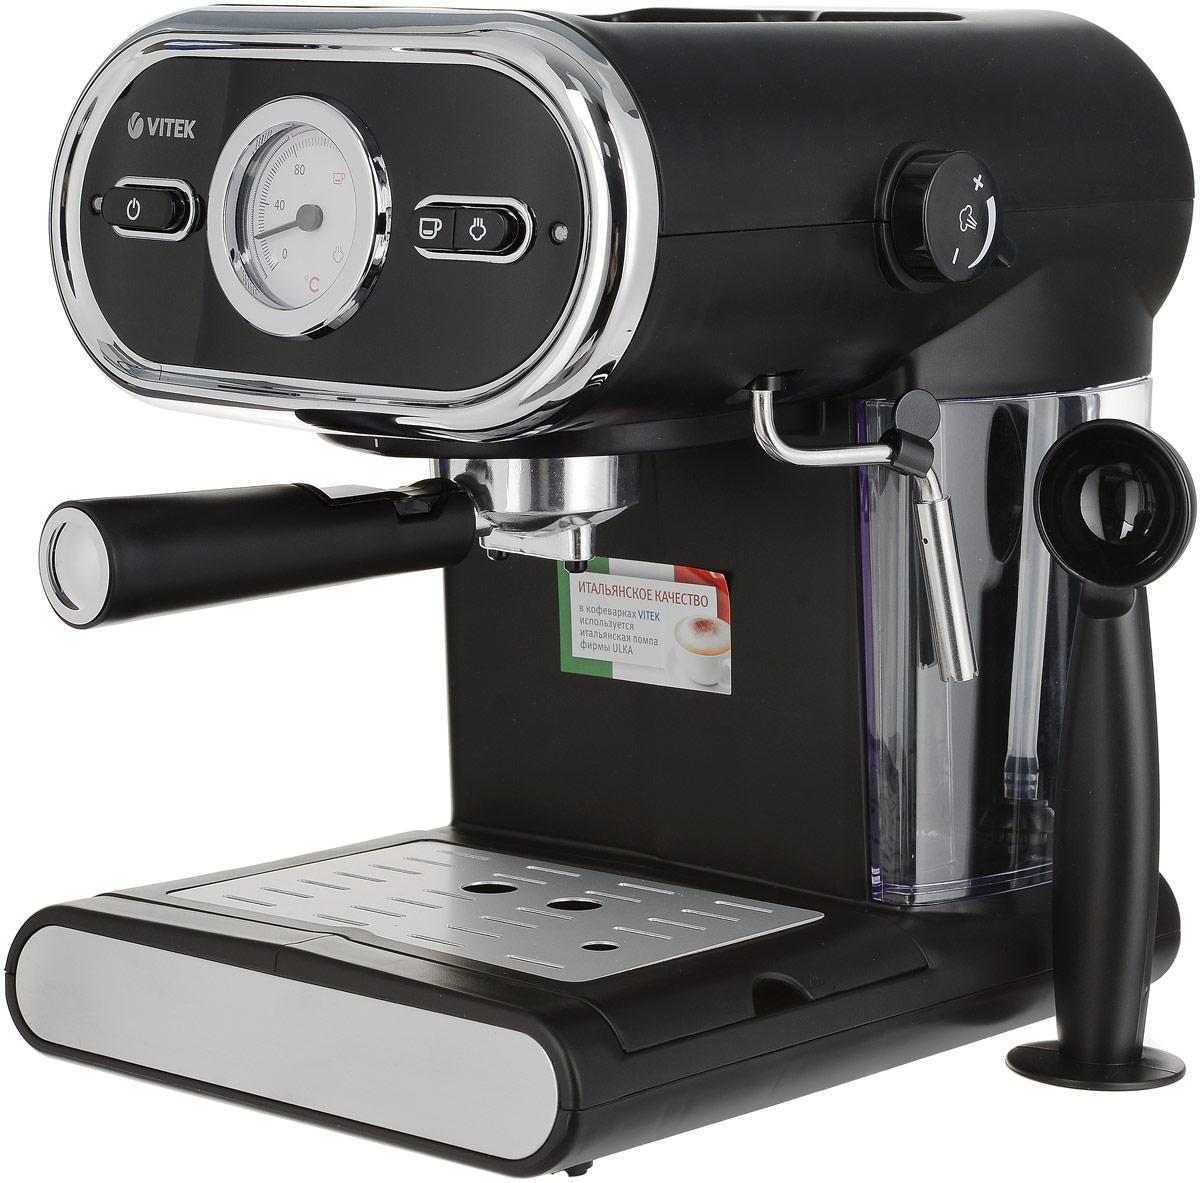 Vitek VT-1525(BK) кофеваркаVT-1525(BK)Предпочитаете по утрам выпивать чашечку вкусного кофе? Тогда предлагаем вам функциональную кофеварку Vitek VT-1525 (BK)! Всего за несколько минут вы можете приготовить традиционный эспрессо, а воспользовавшись функцией подачи пара, вам не составит труда сделать молочную пену для горячего шоколада и капучино. Датчик кофеварки позволяет контролировать температуру для получения оптимальной экстракции кофе. Чтобы кофе быстро не остывал в чашке, вам предлагается воспользоваться функцией подогрева чашек.Как выбрать кофеварку. Статья OZON Гид